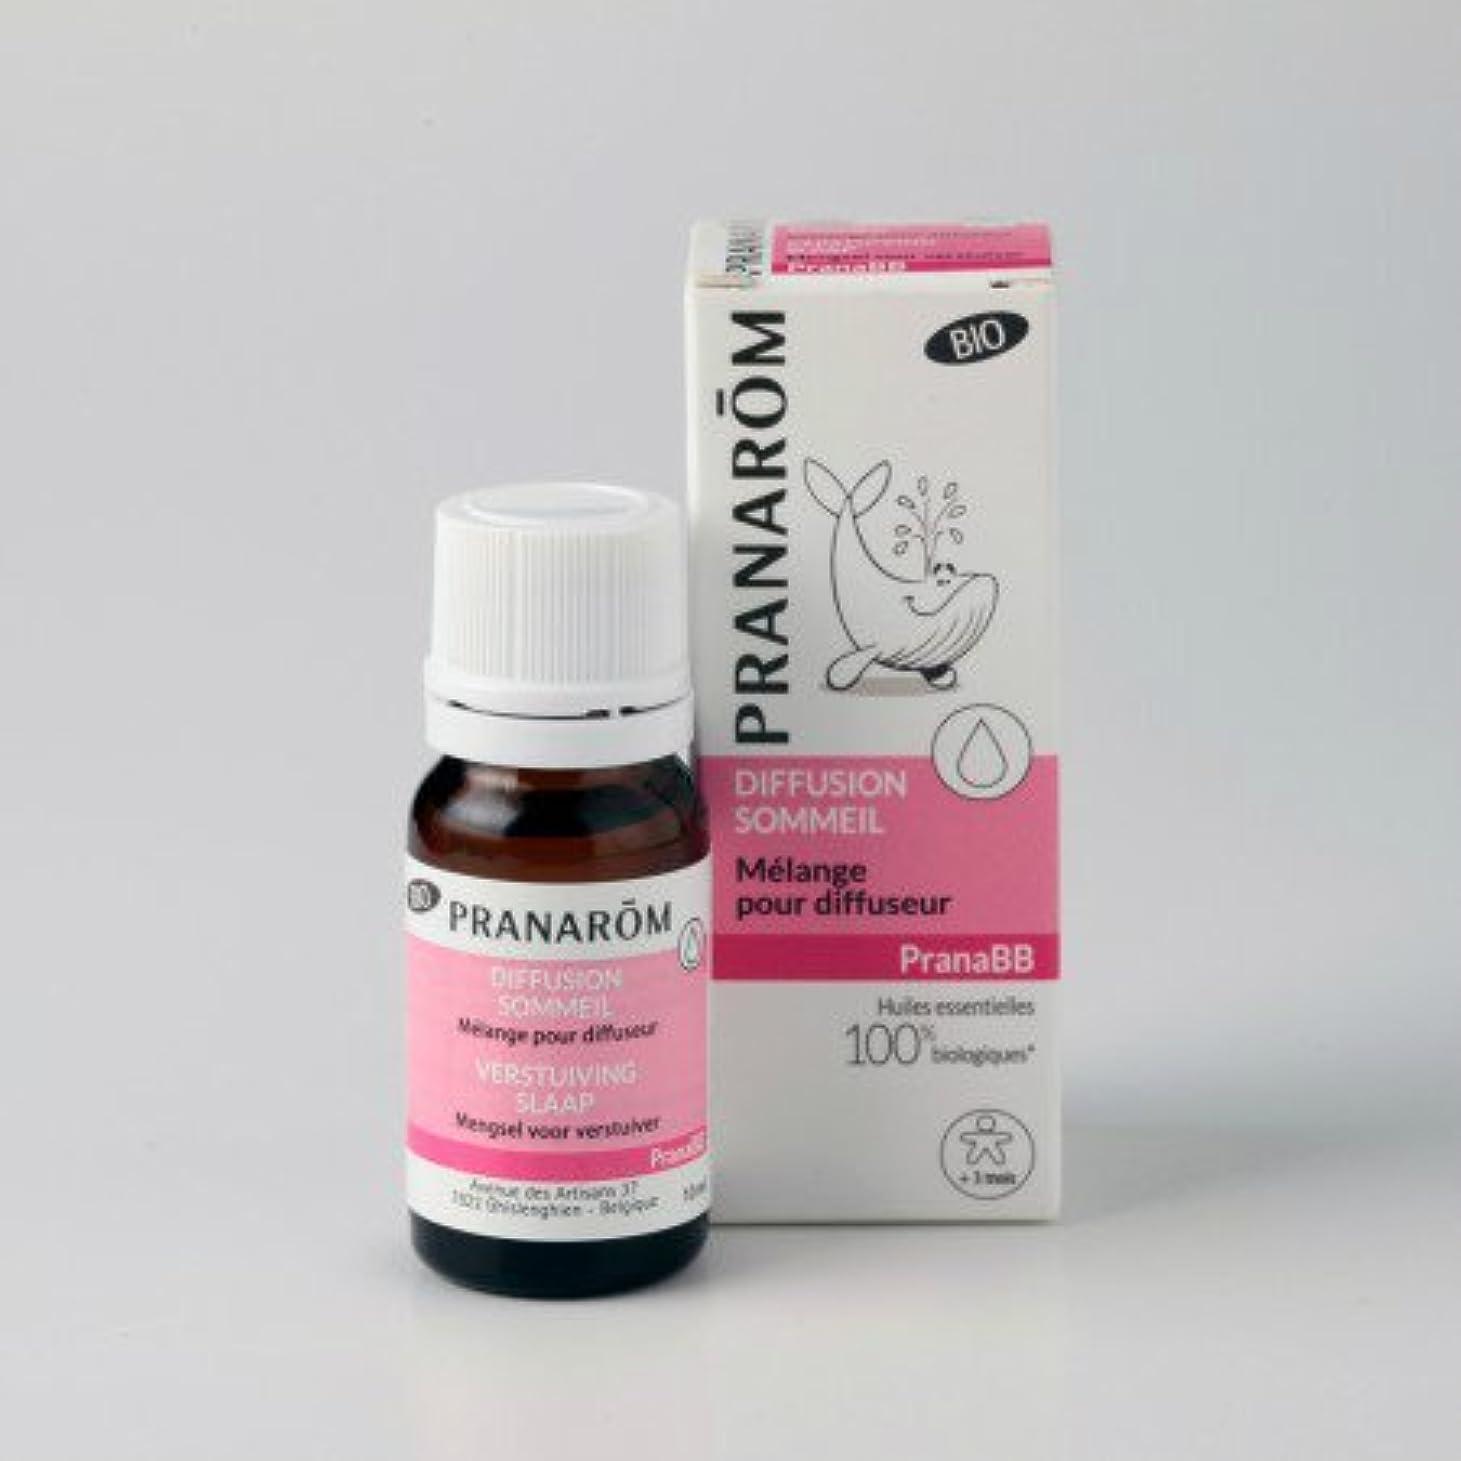 ピボットメトロポリタンステレオプラナロム プラナBB ディフューザーオイル スリープ 10ml ルームコロン (PRANAROM プラナBB)